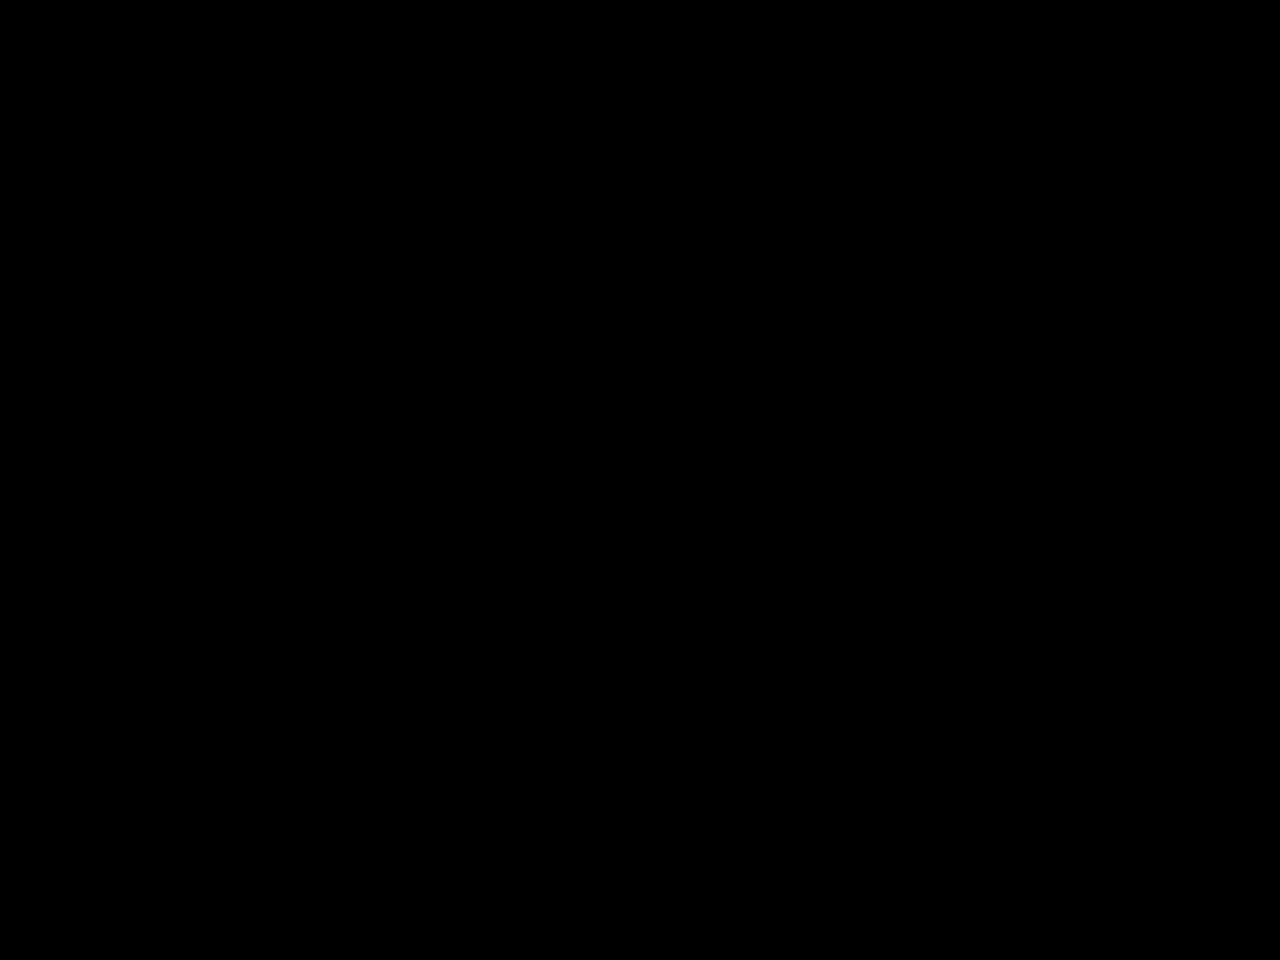 Infinity Symbol Vector - ClipArt Best